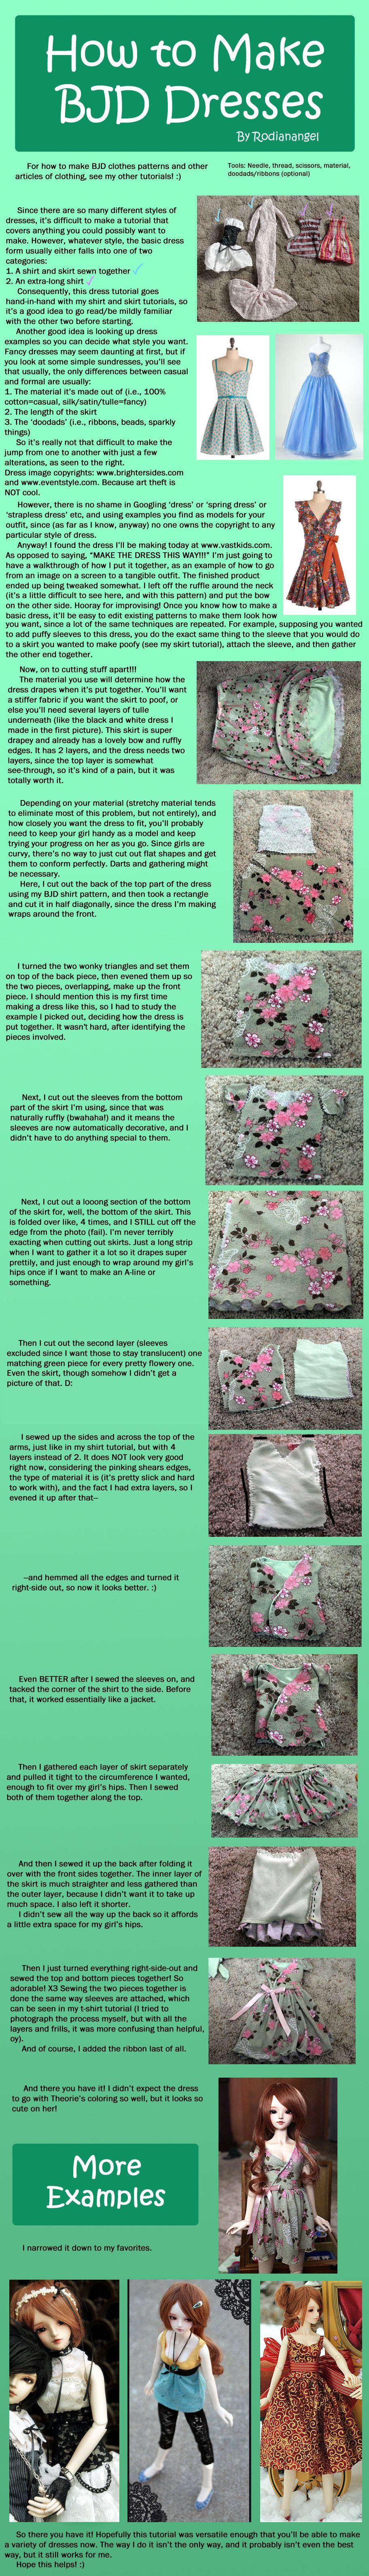 How to Make BJD Dresses by RodianAngel.deviantart.com on @deviantART